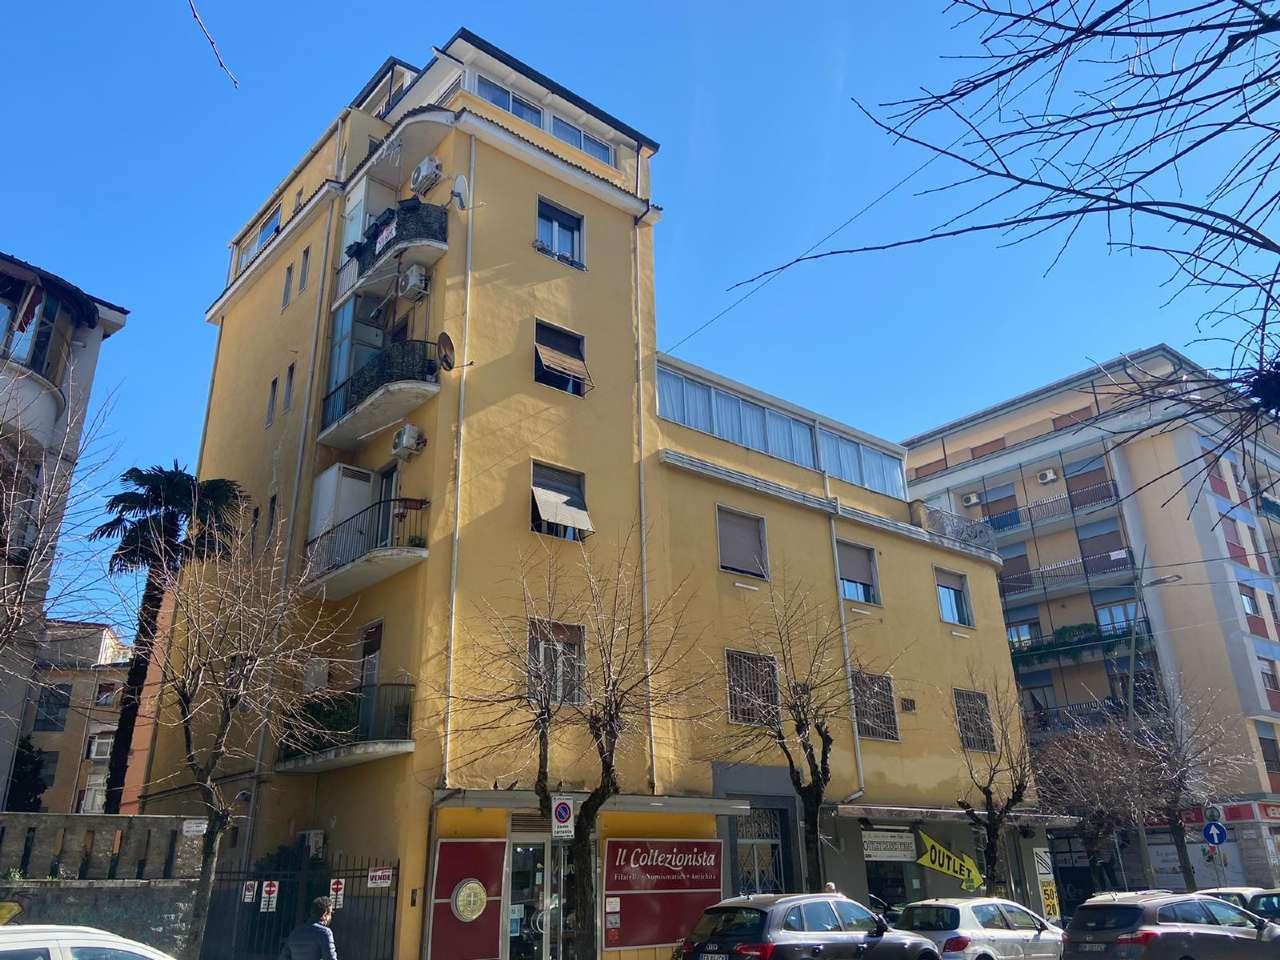 Appartamento, Viale degli Alimena, Centro, Cosenza, foto 18